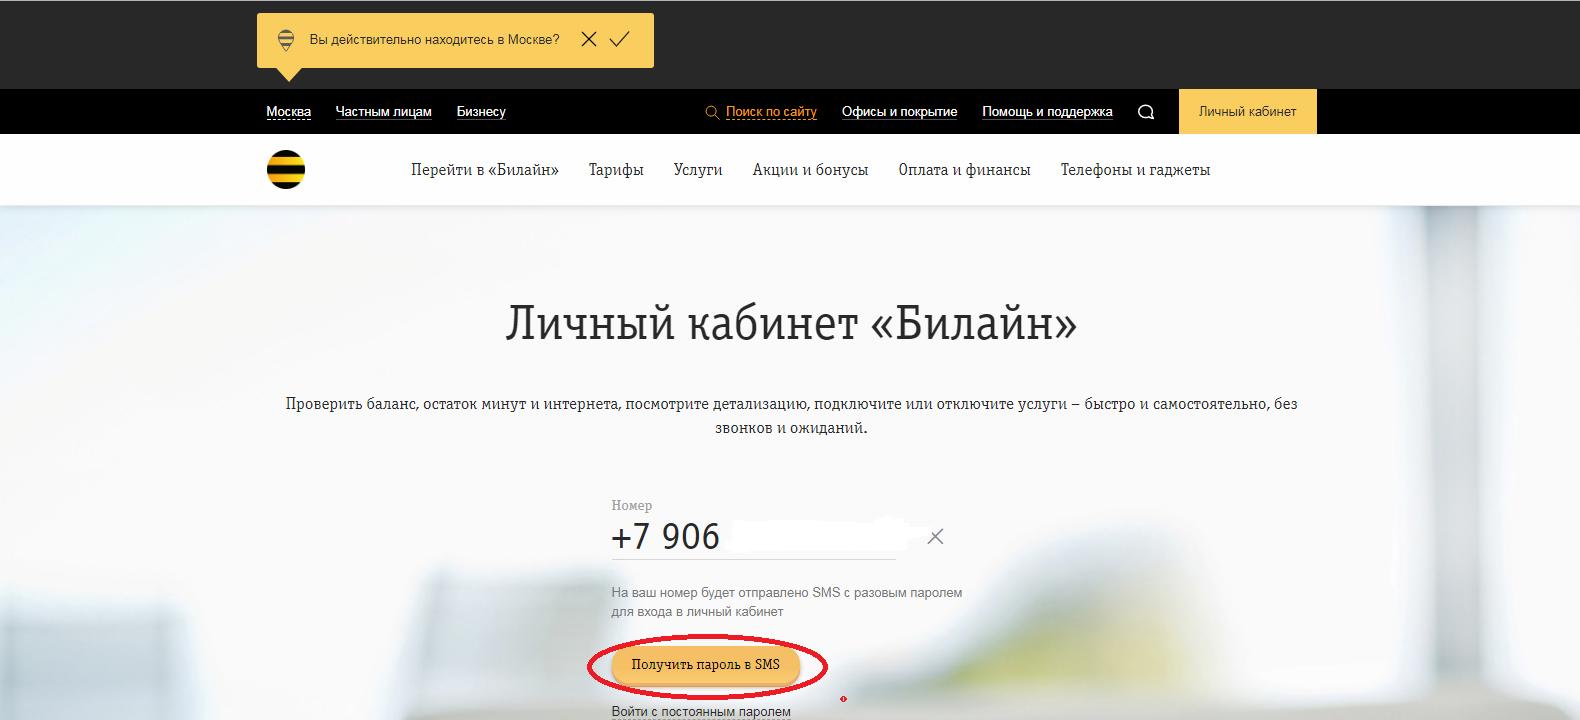 Билайн личный кабинет Астрахань